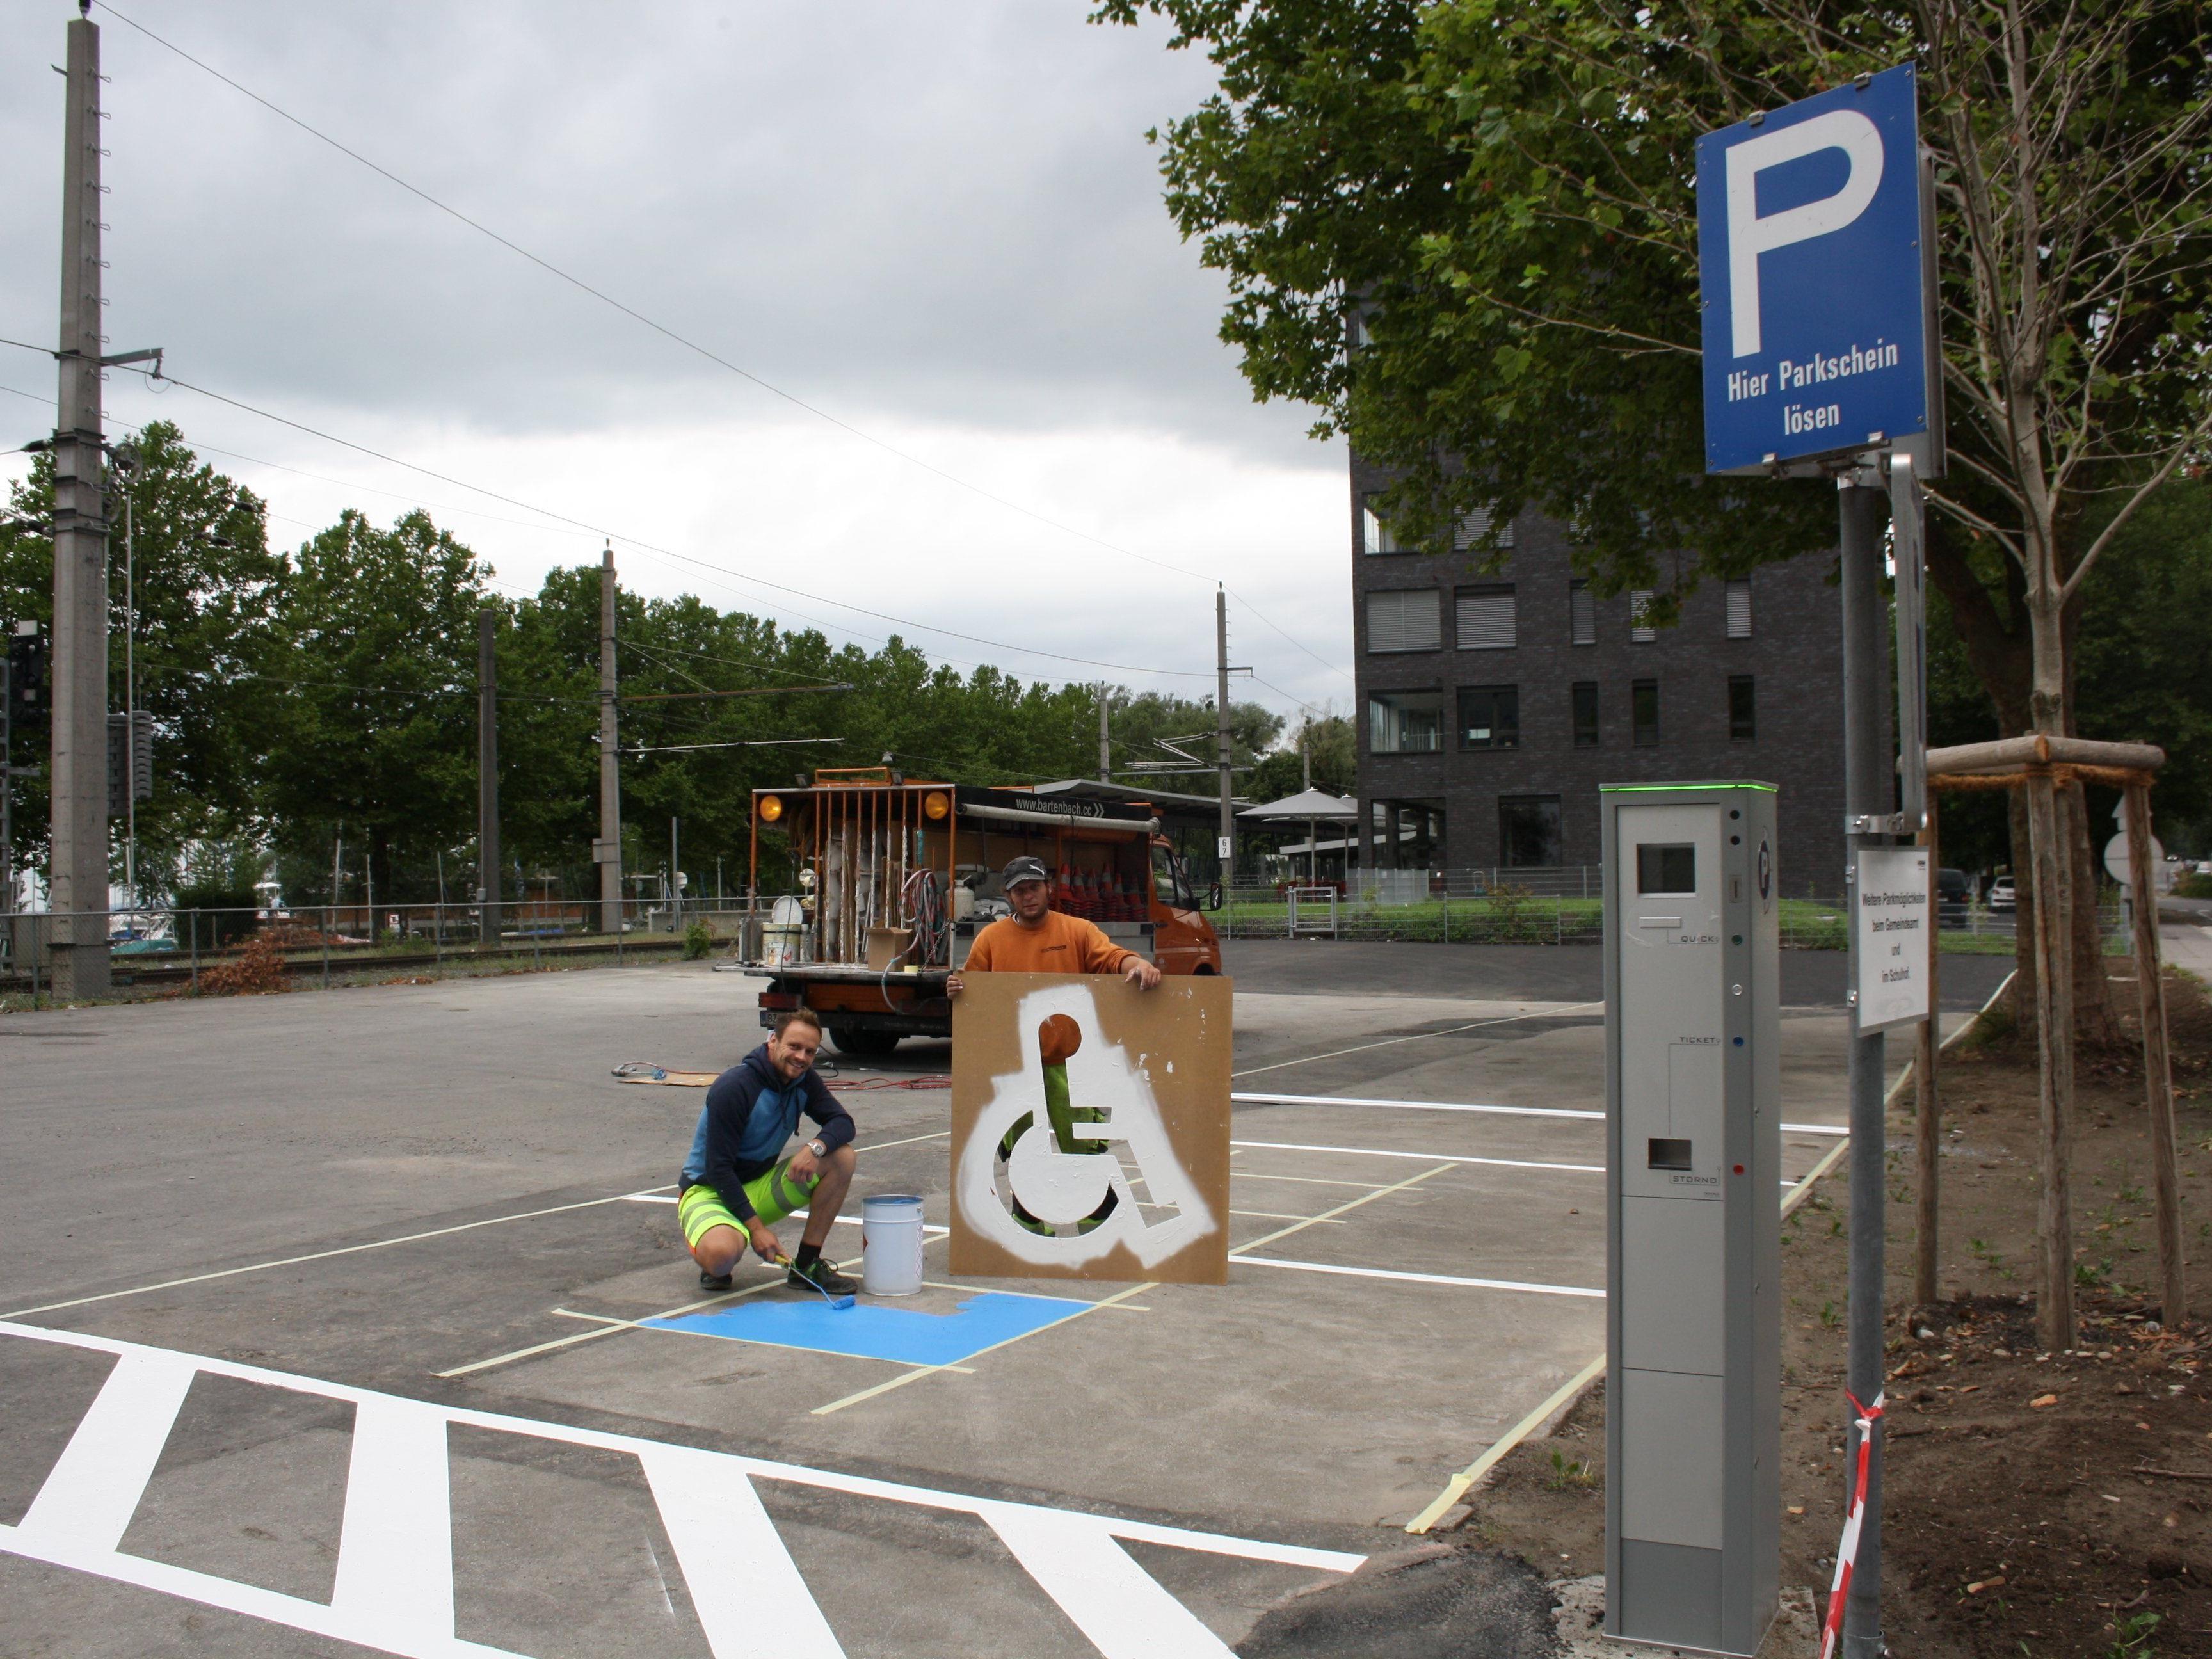 Auf dem neuen gemeindeeigenen Stellwerk-Parkplatz am Bahnhof Lochau gibt es nach den entsprechenden Adaptierungsarbeiten nun rund 50 weitere bewirtschaftete Parkplätze.